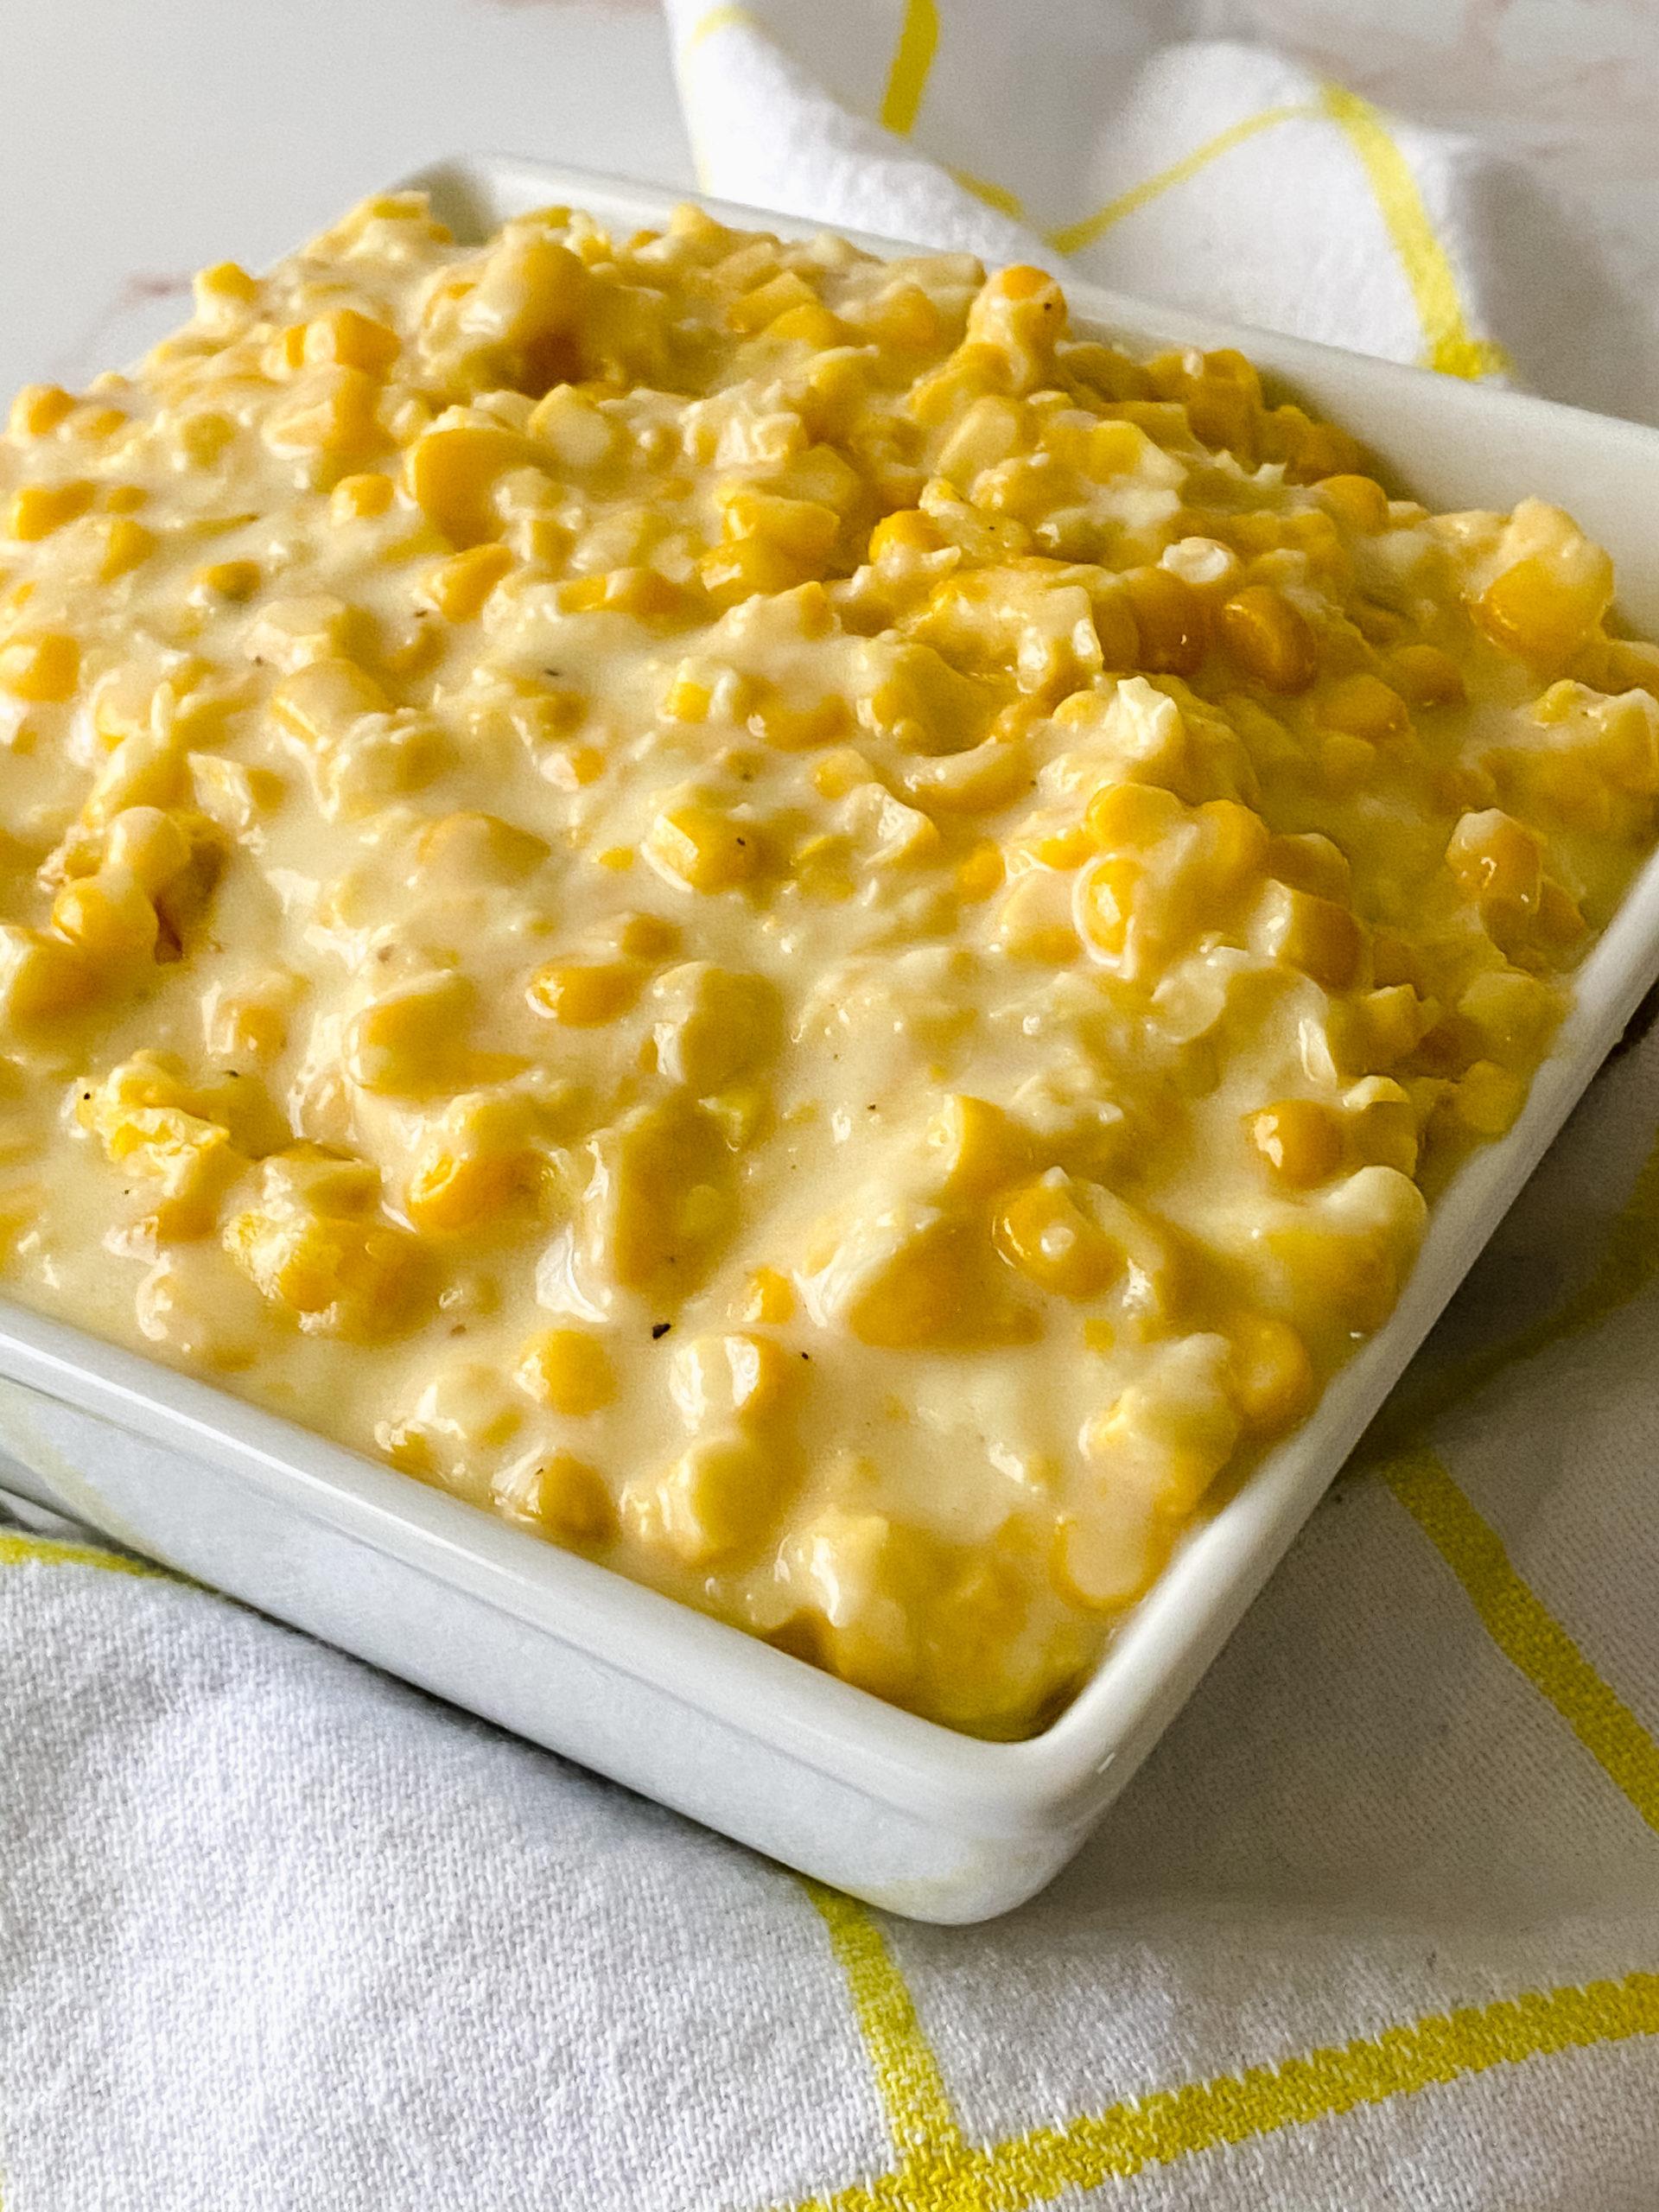 Side view of cream corn in a white square dish.